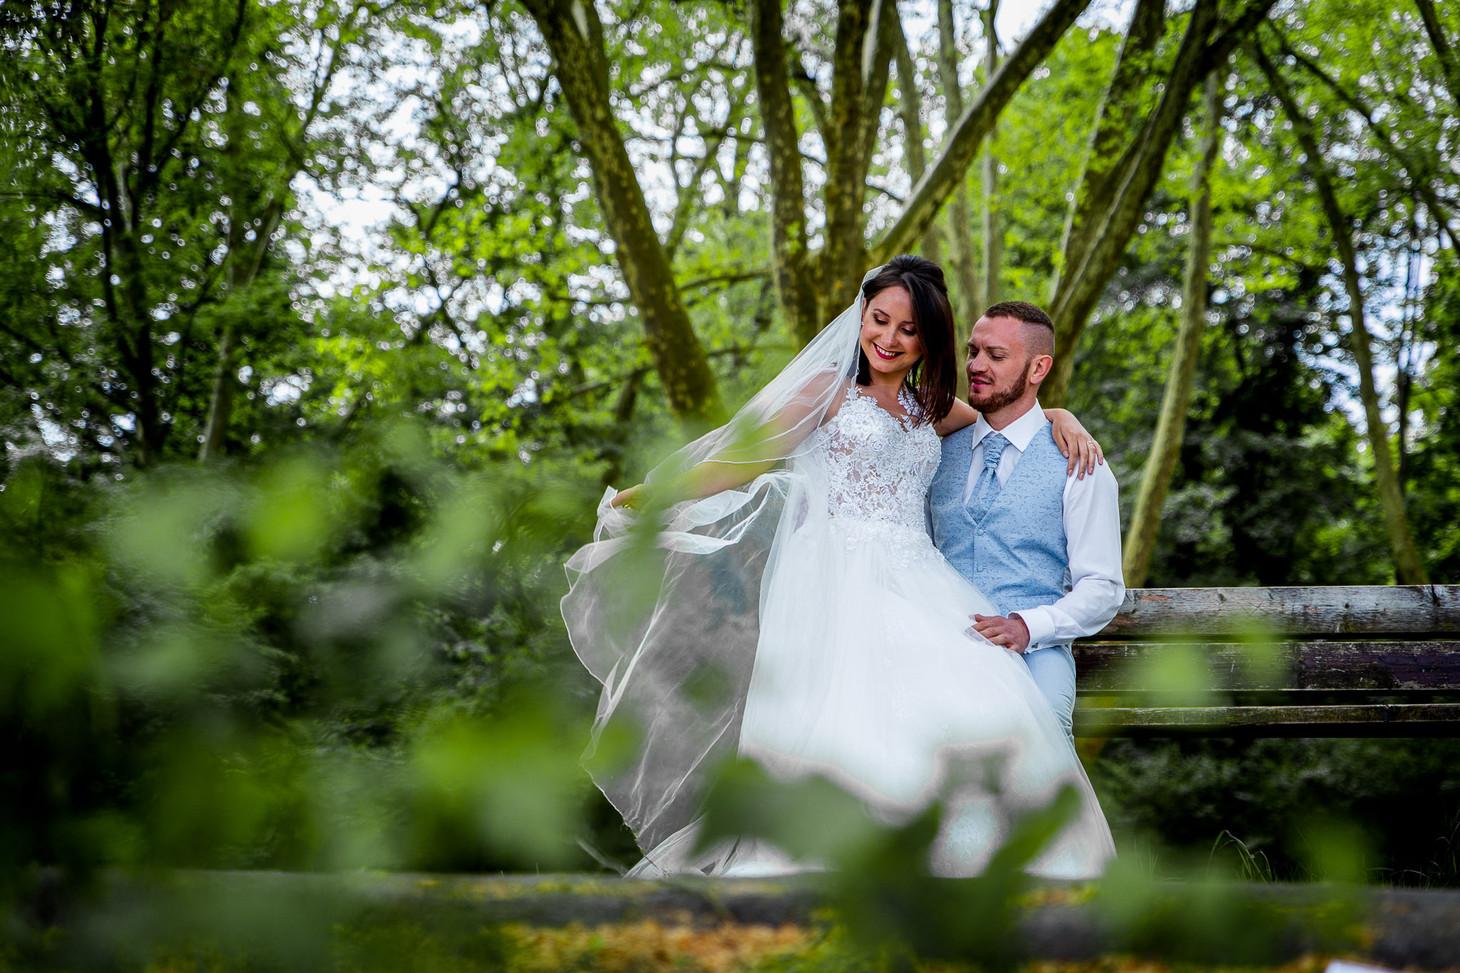 Das Brautpaar auf der Parkinsel - Stadtpark Ludwigshafen. Photo made by Willi Lasarenko Photography.